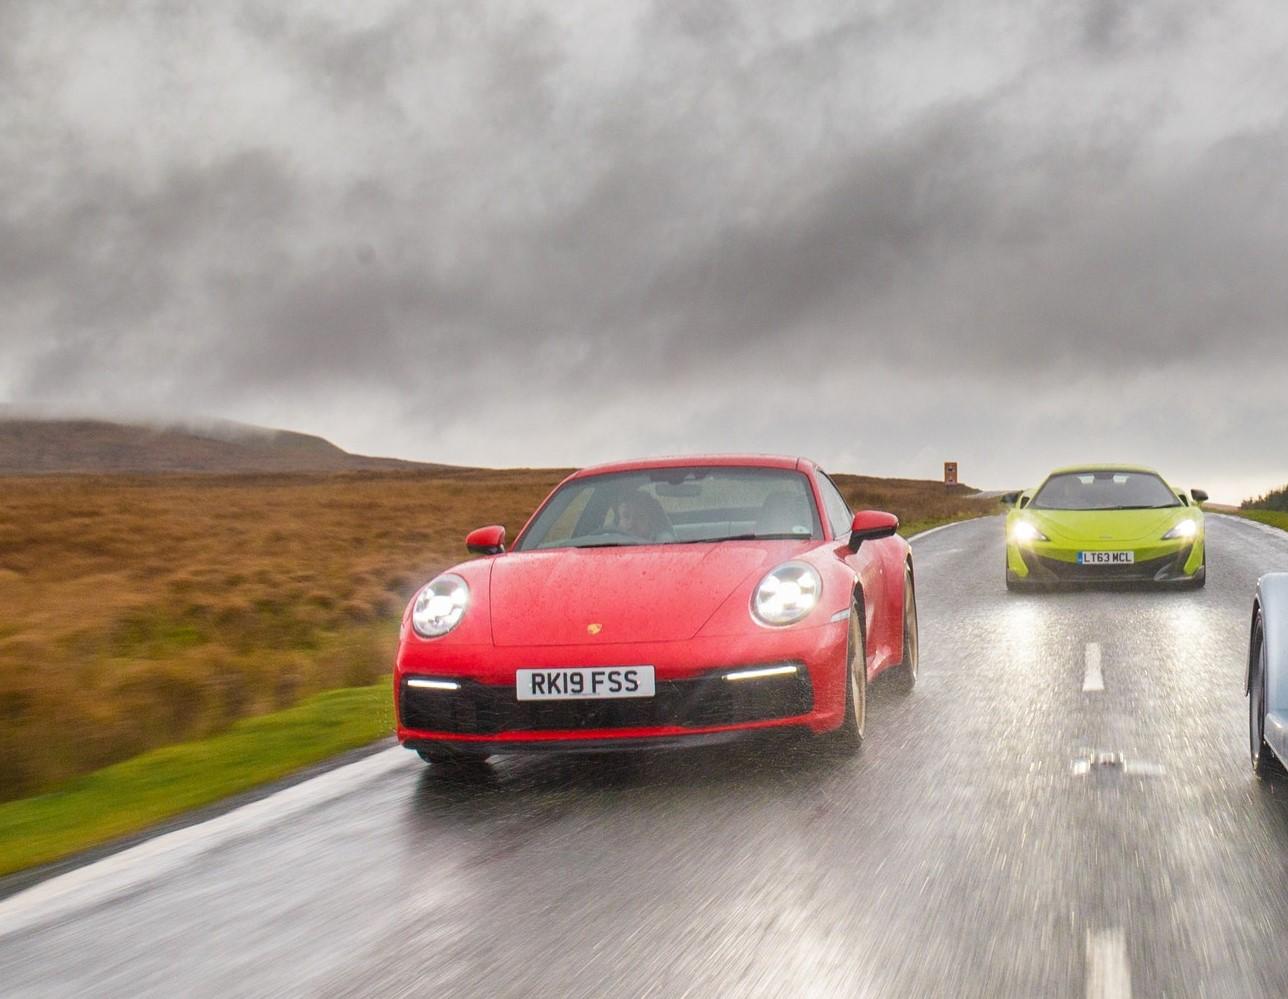 Red Porsche driving